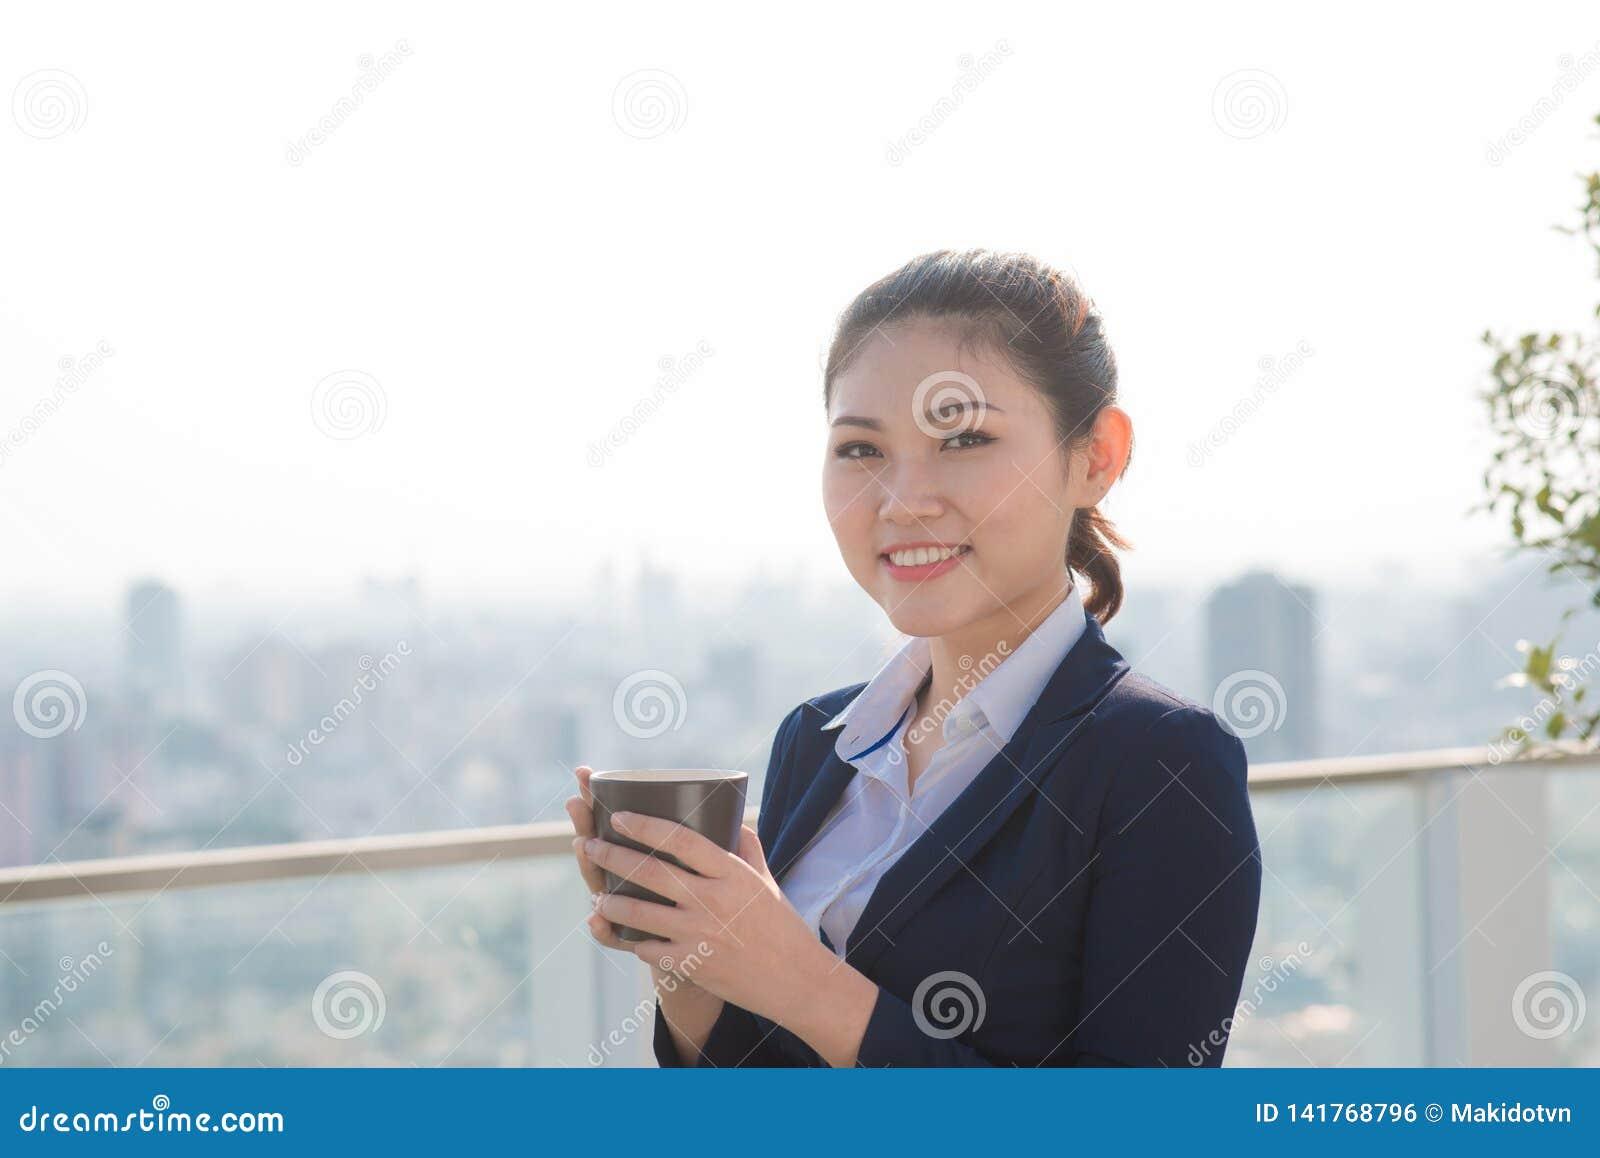 Профессионал коммерсантки юриста идя outdoors выпивая кофе от устранимого бумажного стаканчика